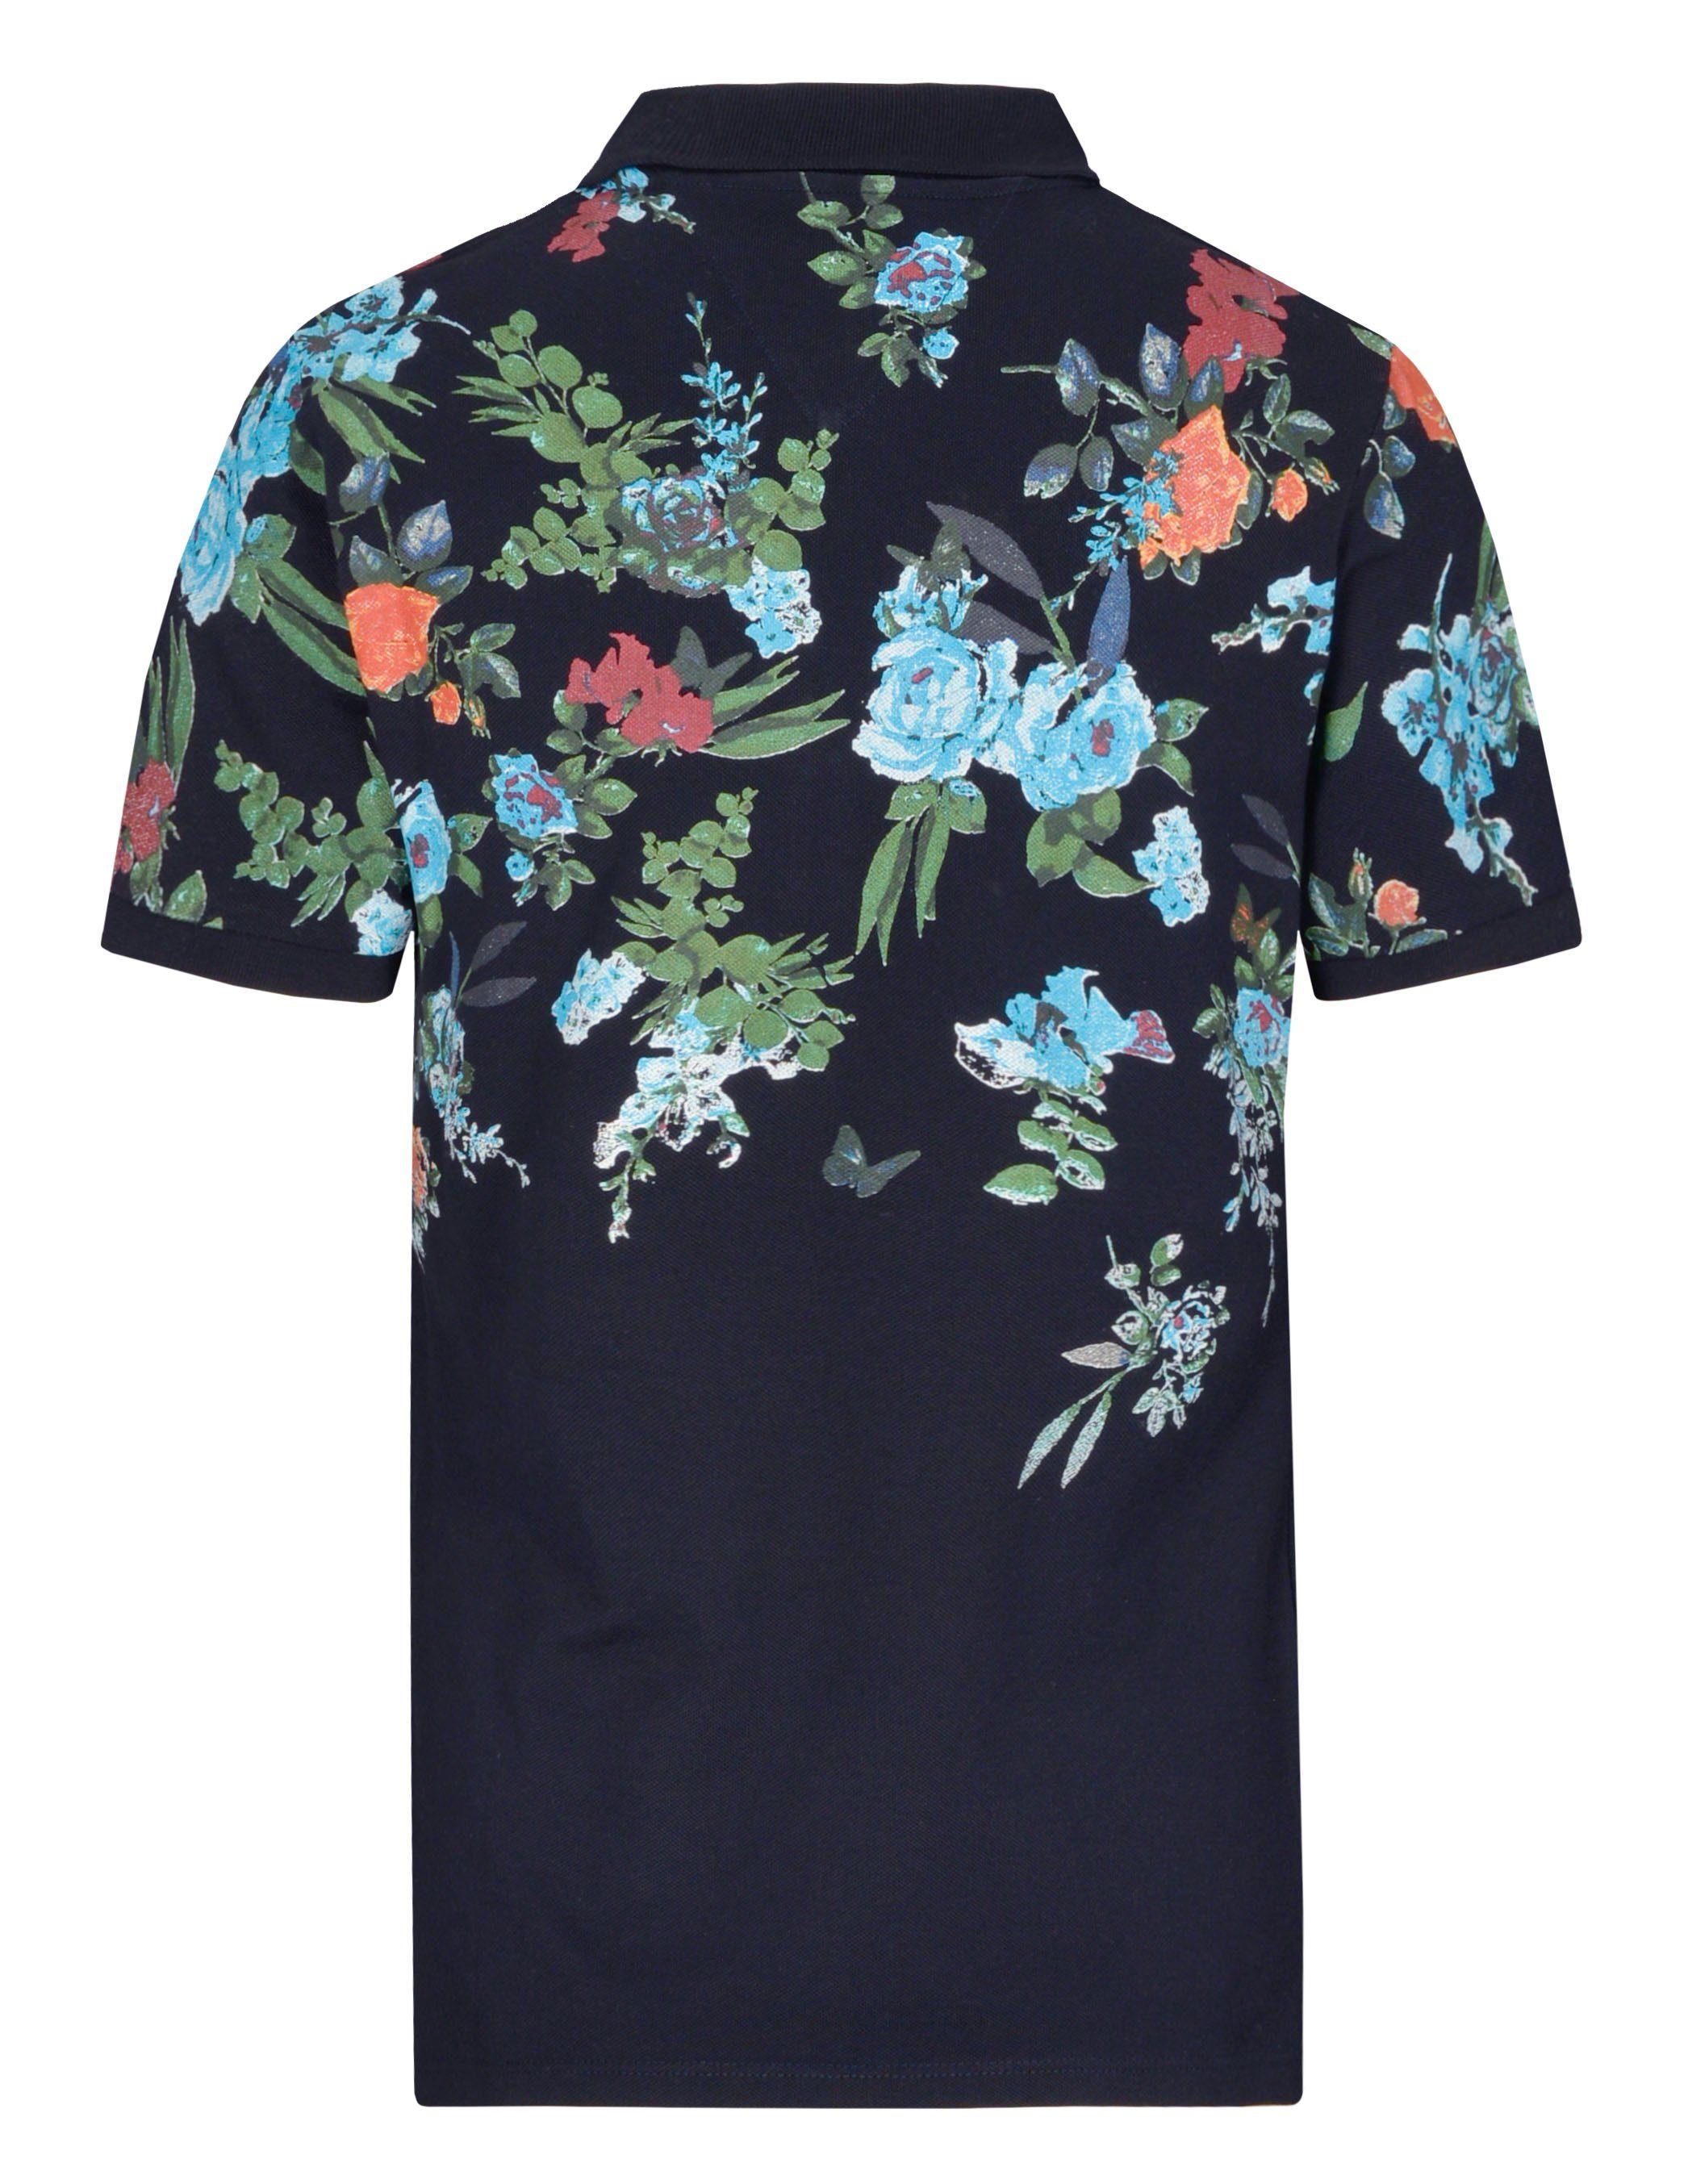 IN LINEA Poloshirt RITA mit Blumen-Druck kaufen 5LpvET